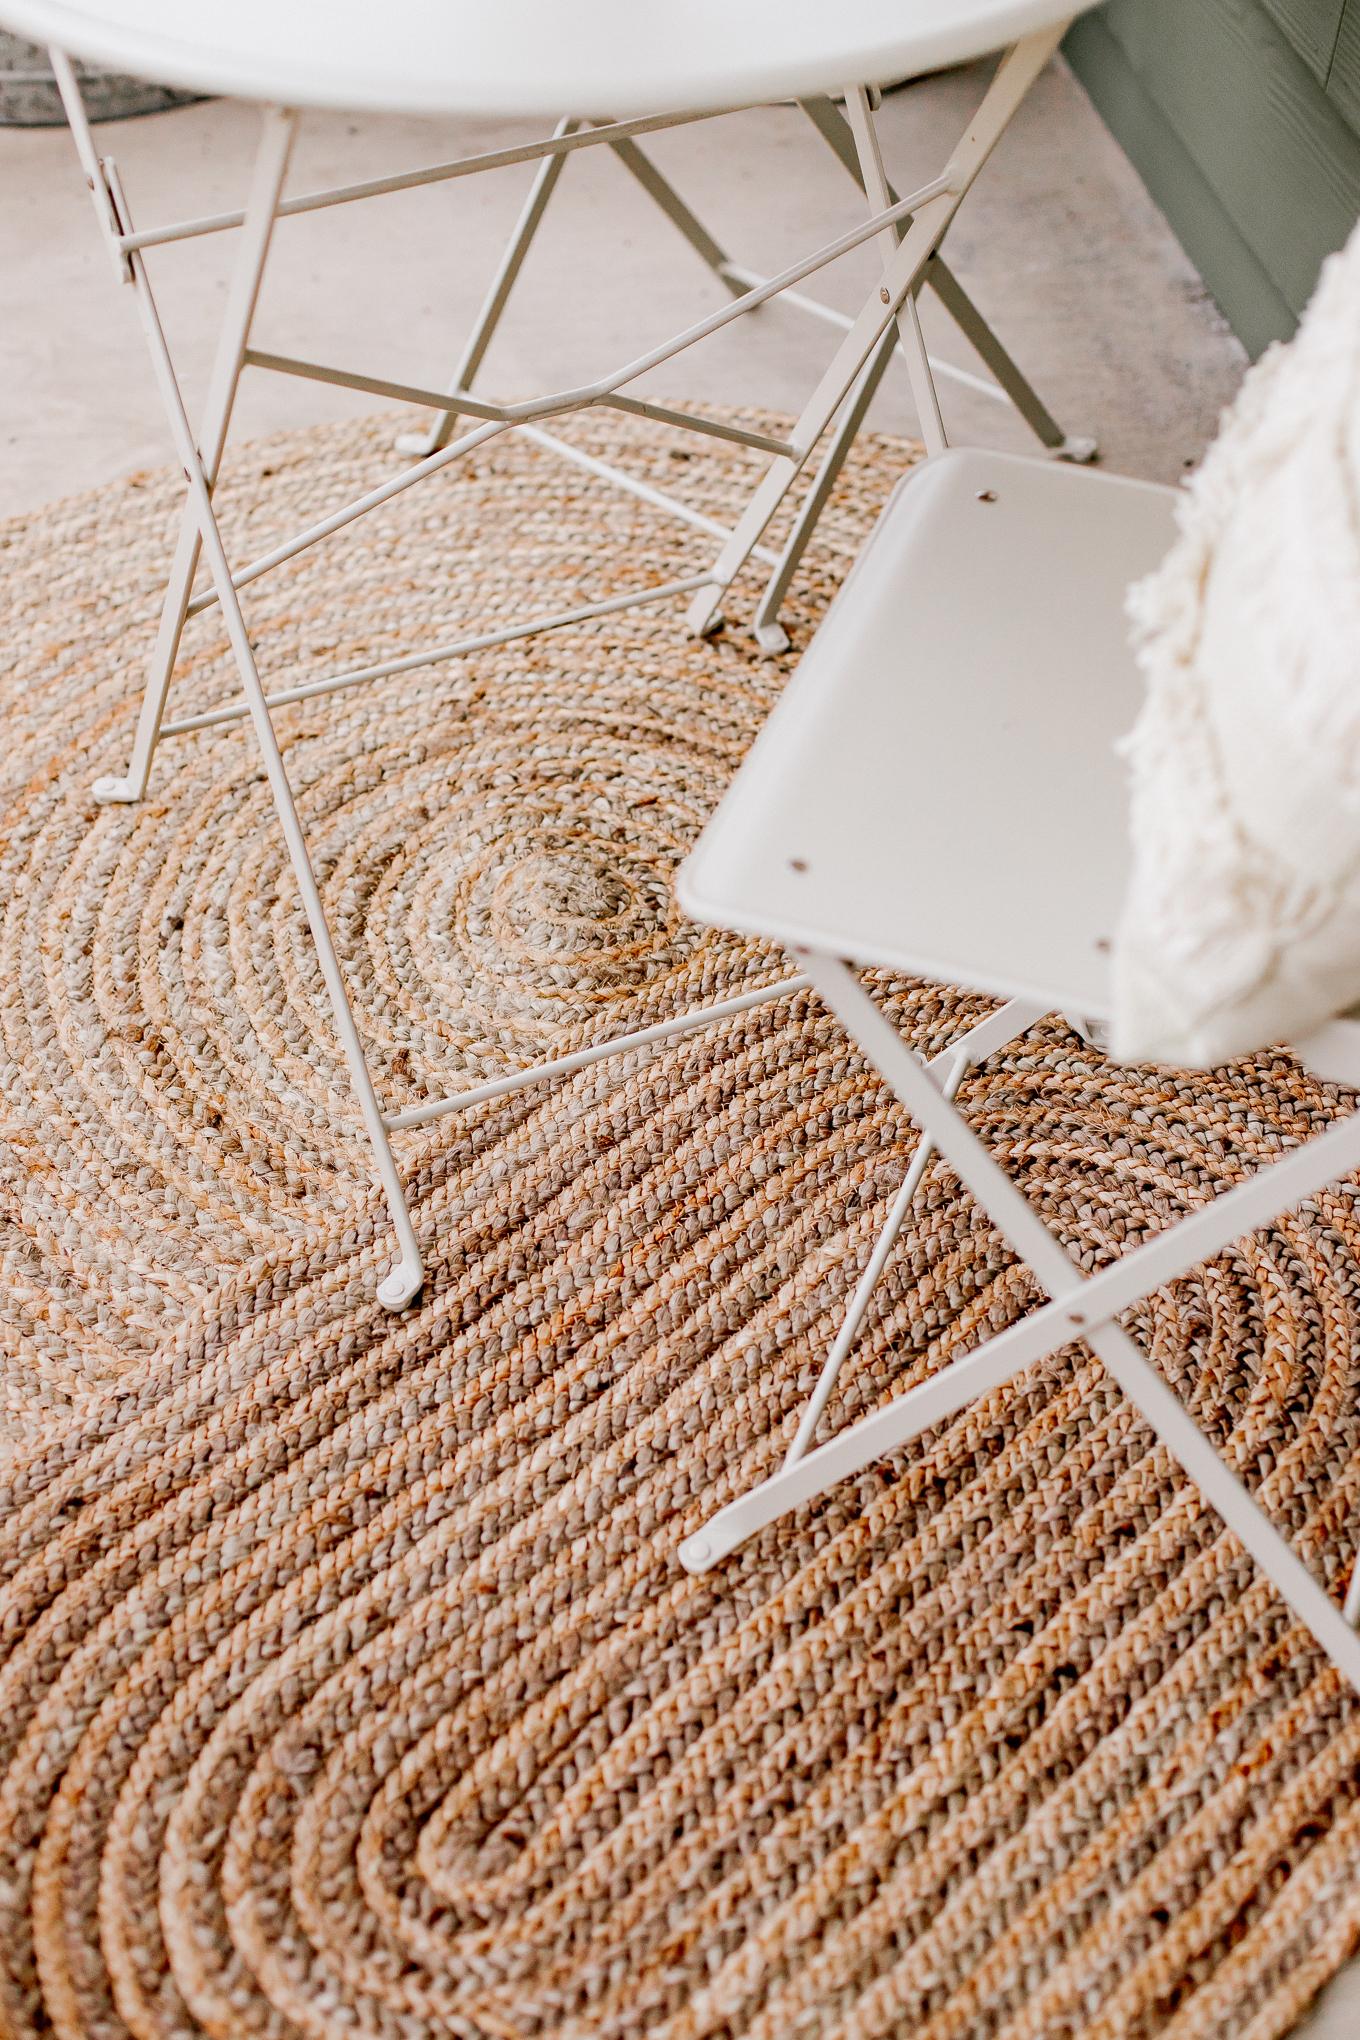 Outdoor Rugs, Jute Rugs | Louella Reese